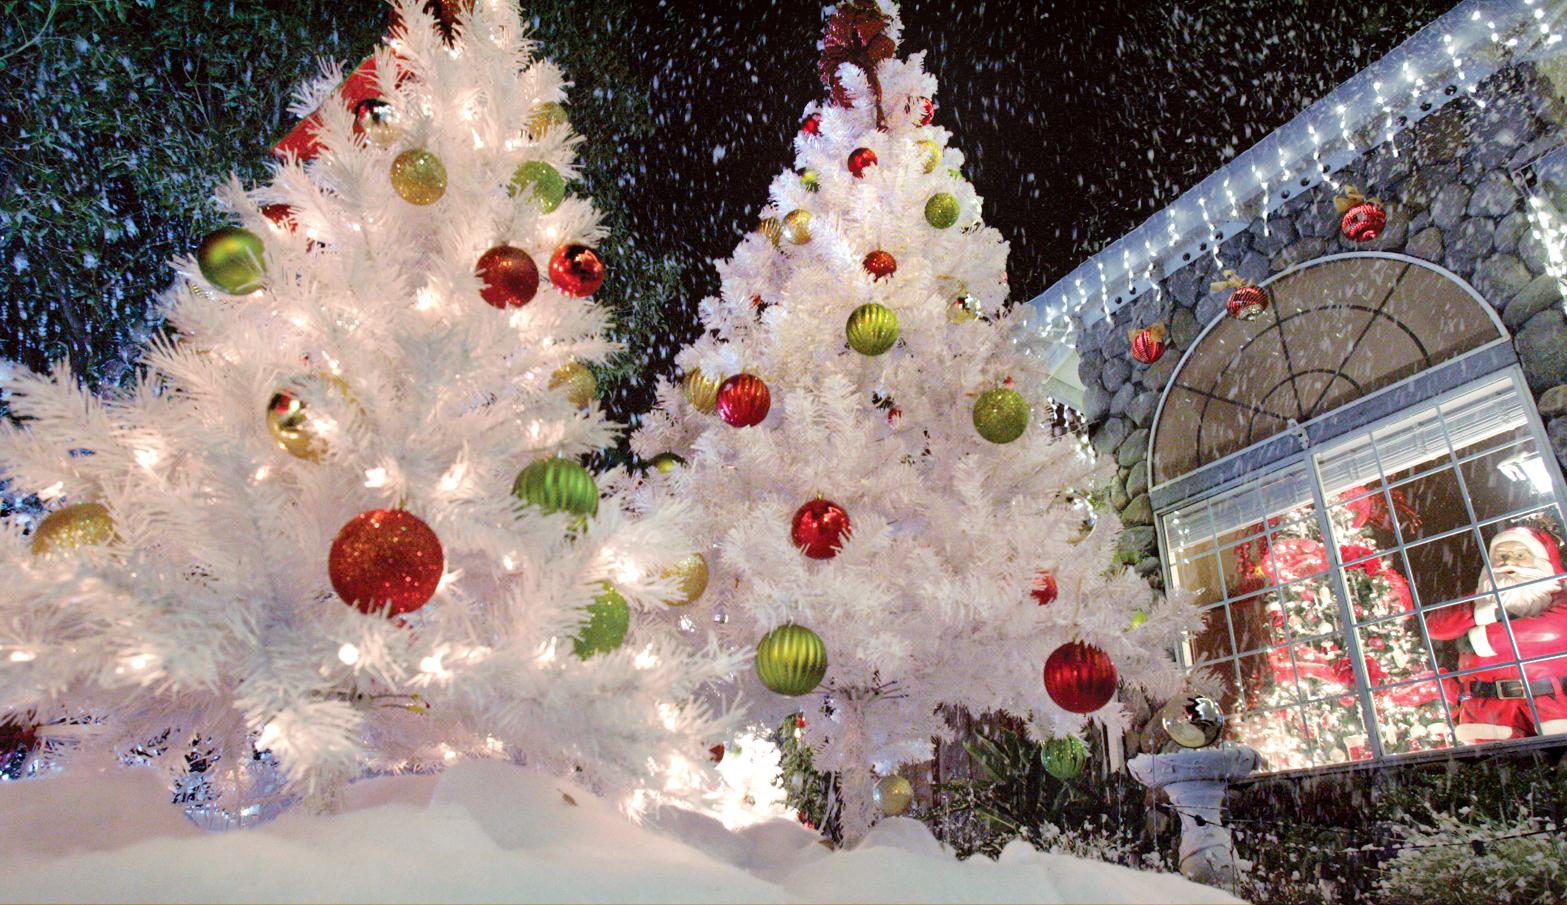 snapshots lighting up the holiday nights - Winter Wonderland Outdoor Christmas Decorations